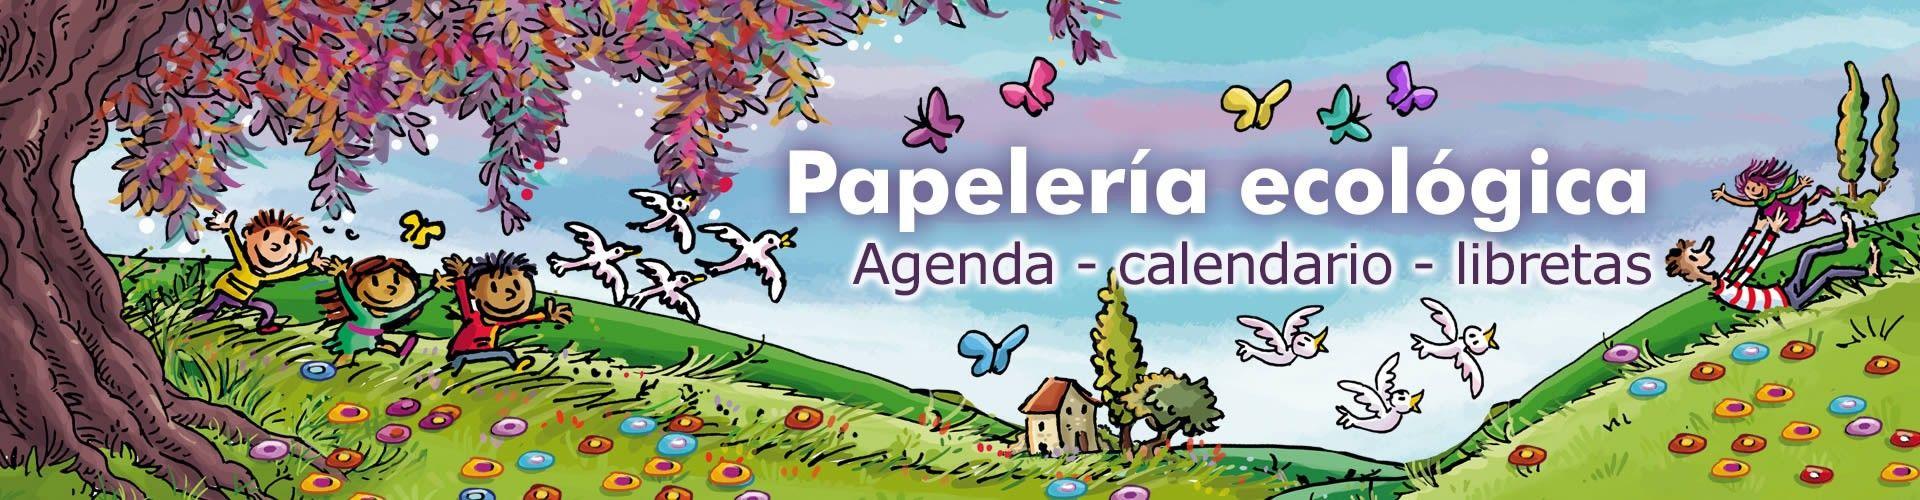 Papelería ecológica, agenda solidaria y calendario